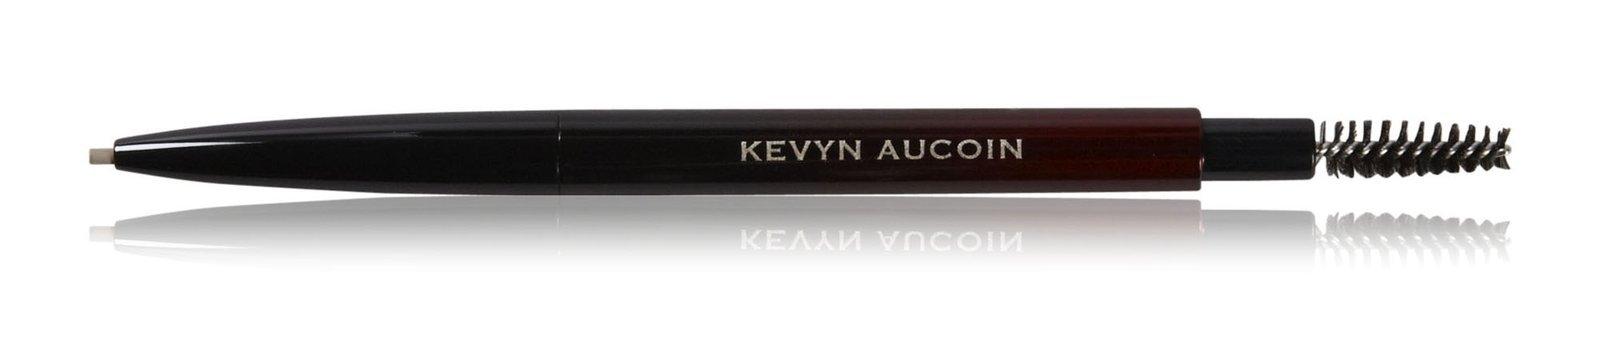 Kevyn Aucoin The Precision Brow Pencil - Ash Blonde